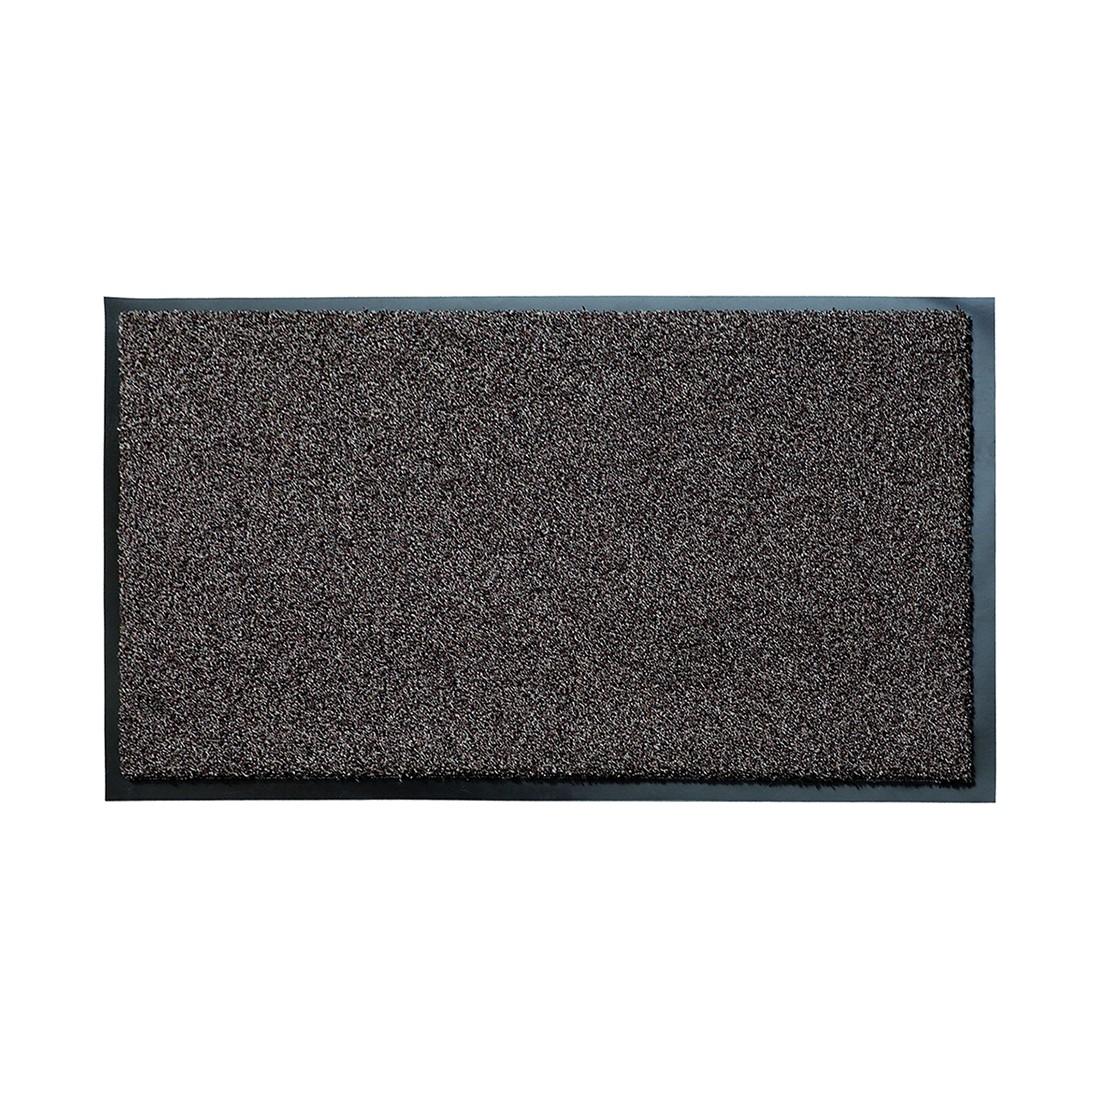 Fußmatte Calcite – Braun – 130 x 200 cm, Astra günstig kaufen